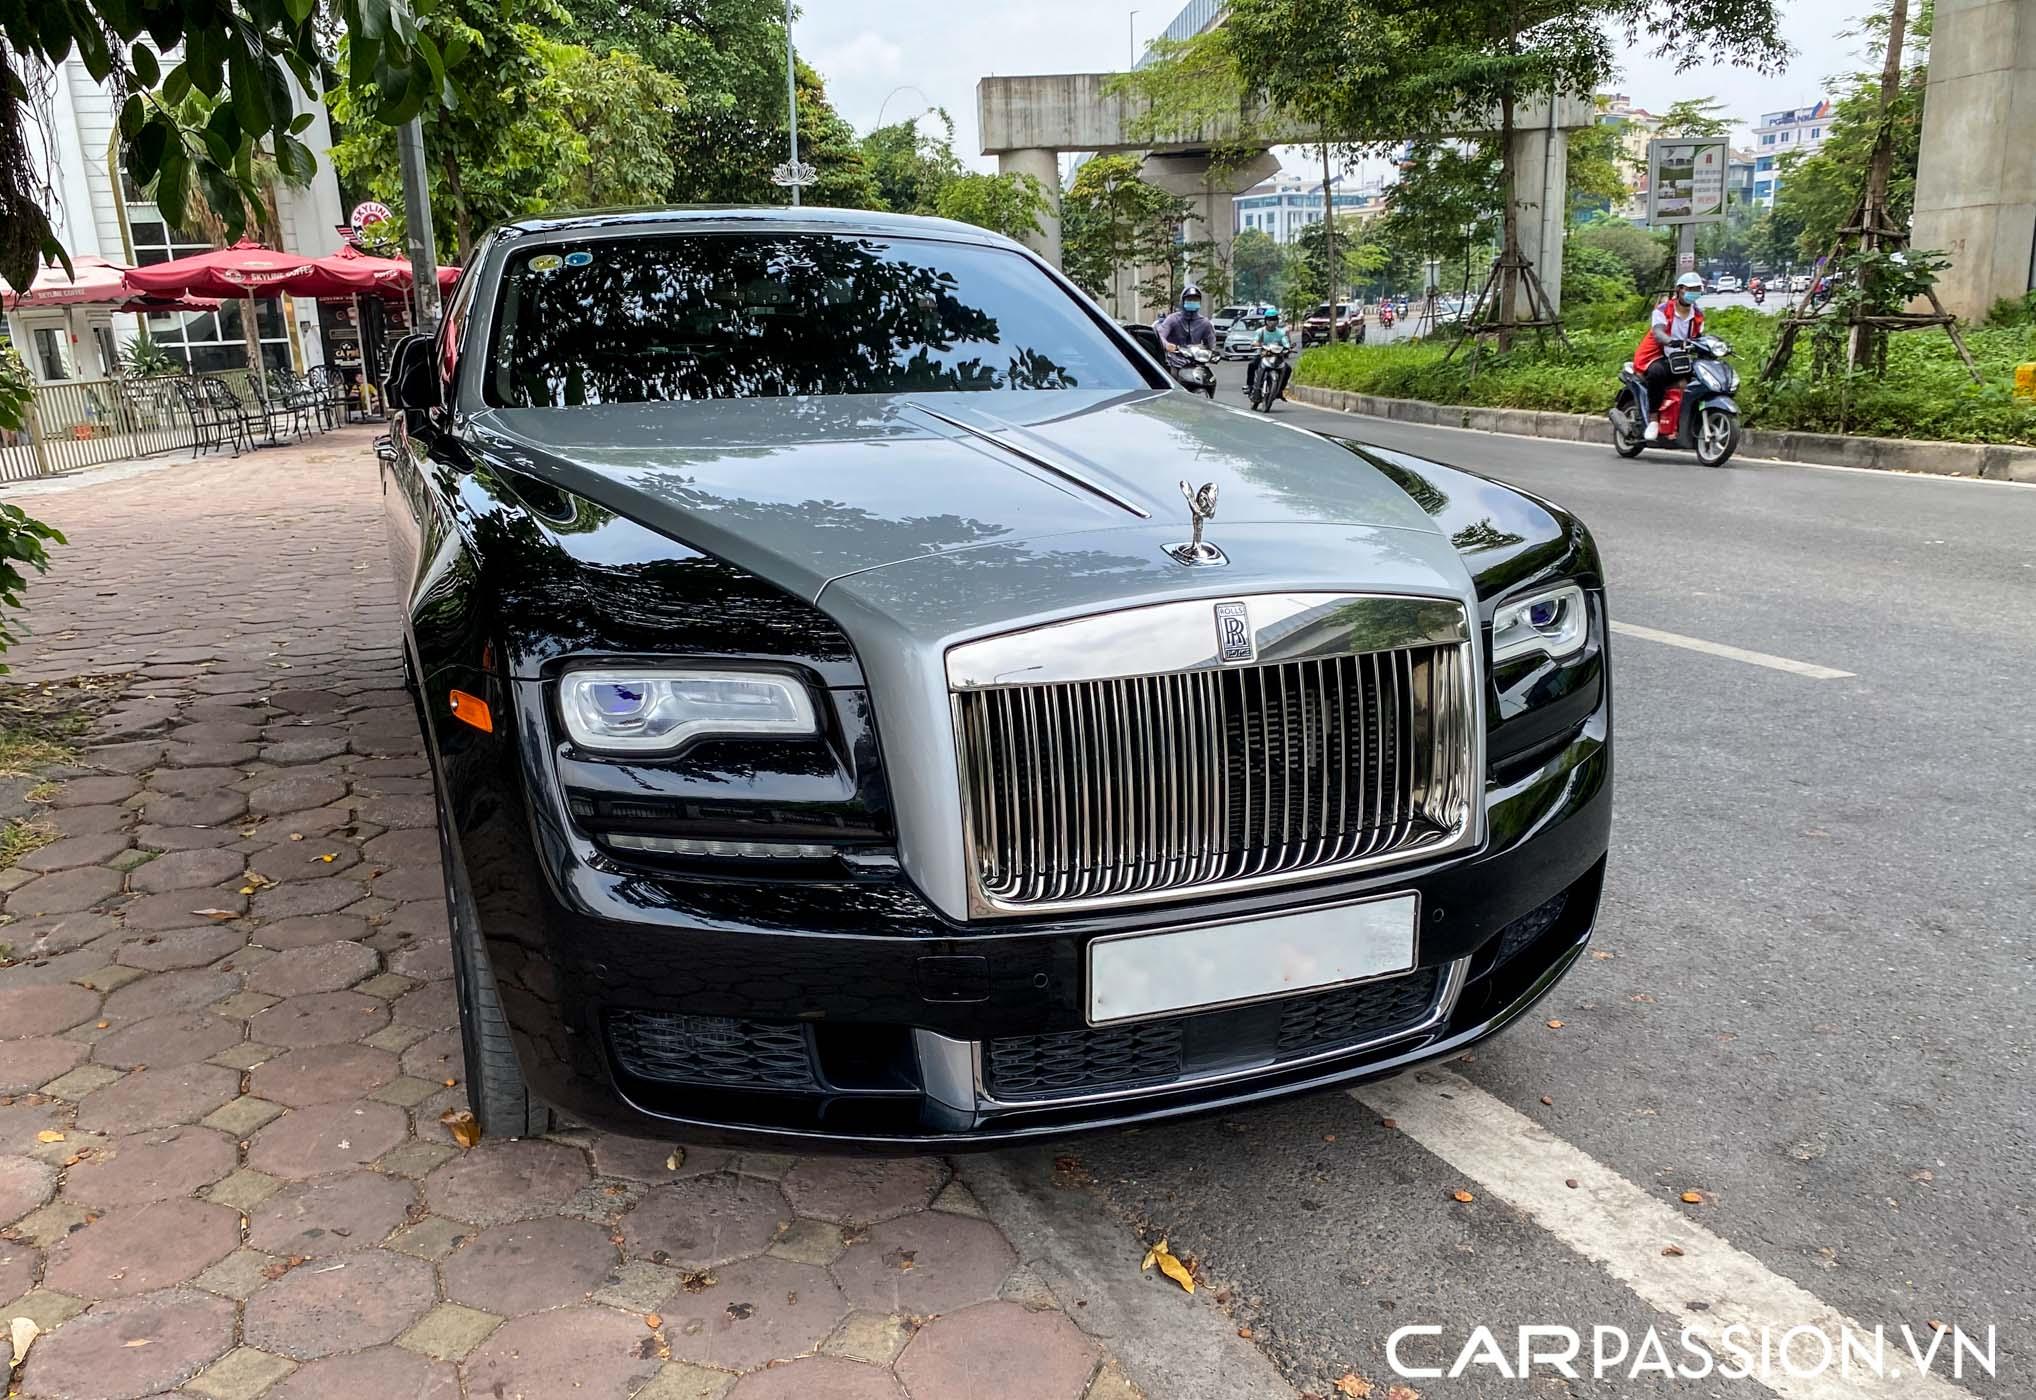 Rolls-Royce Ghost Series II 2019 Facelift (13).JPG